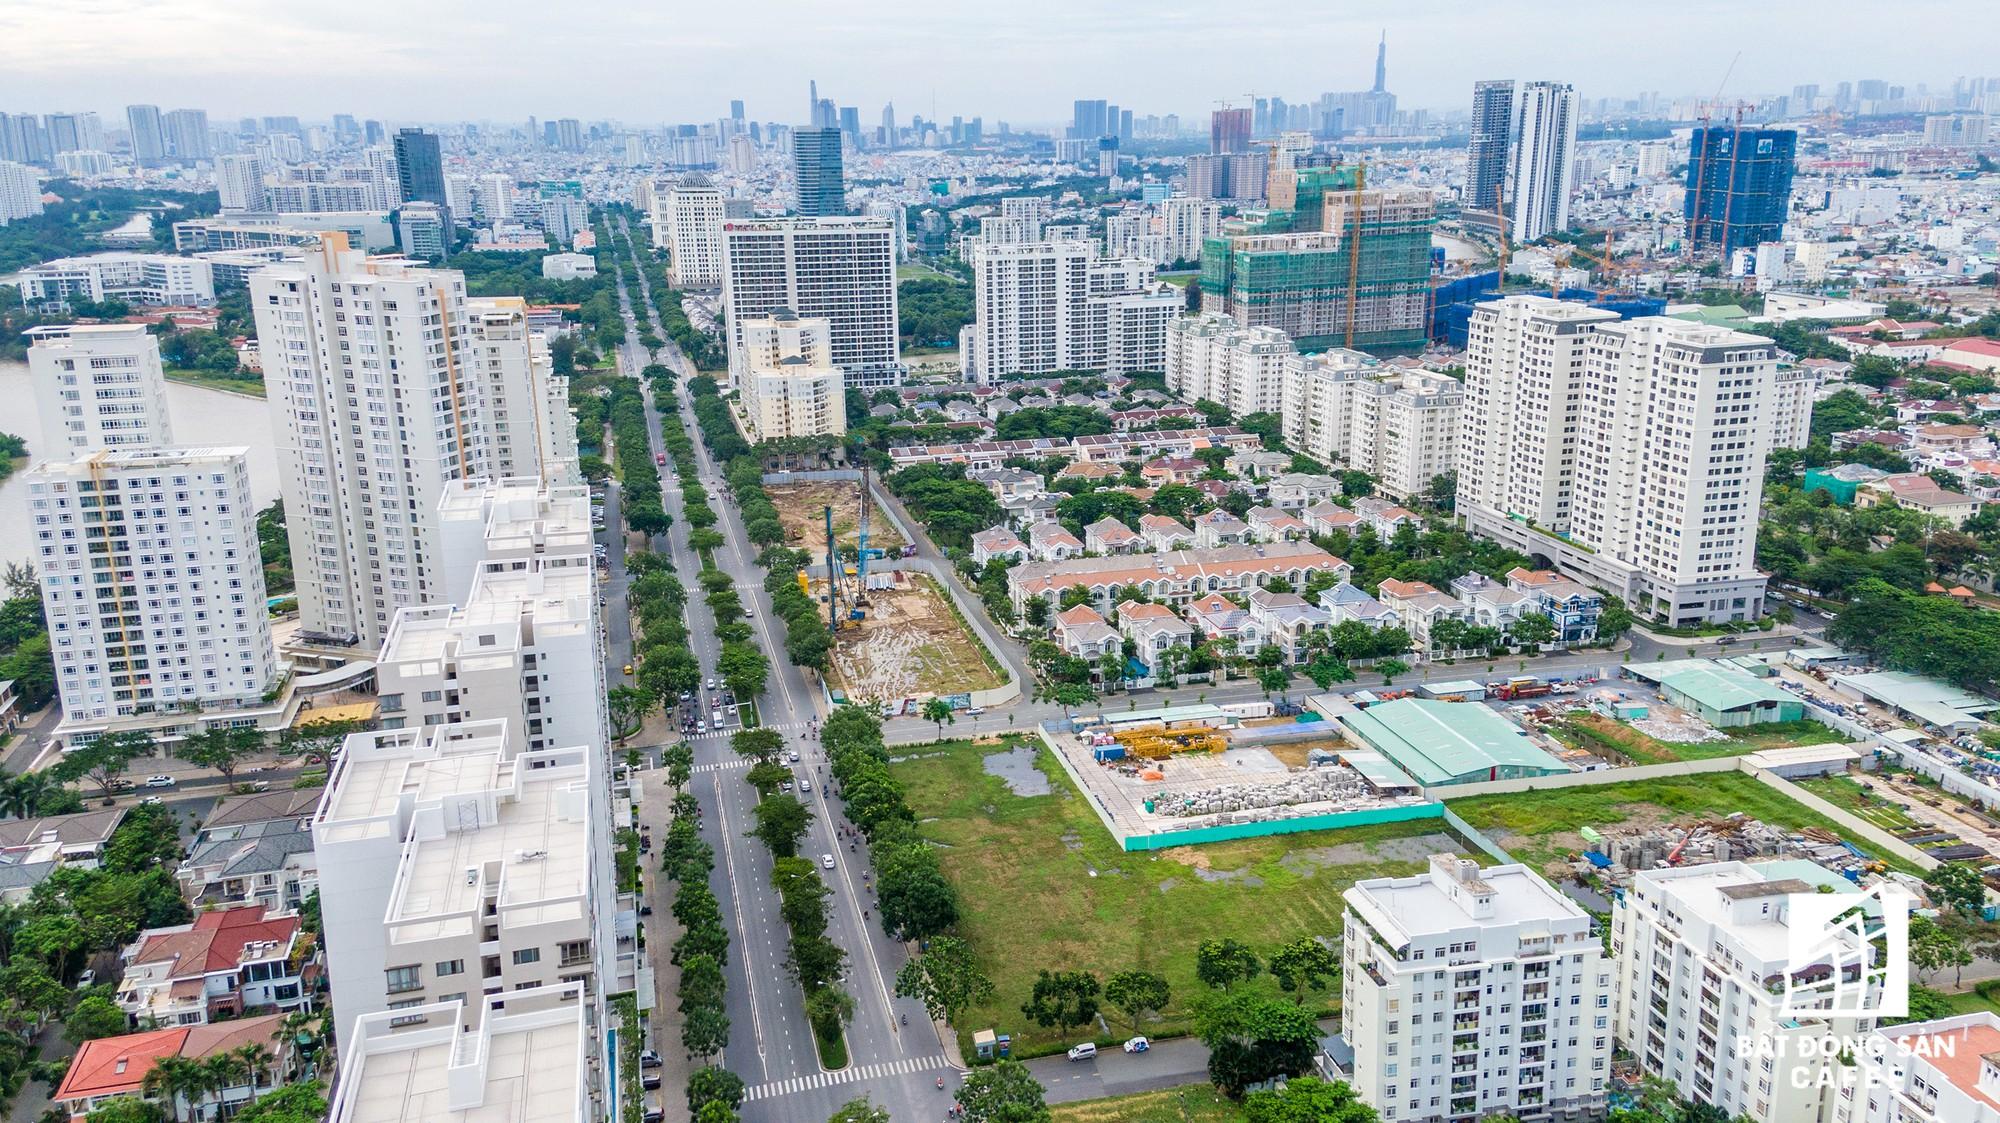 Toàn cảnh đại lộ tỷ đô đã tạo nên một thị trường bất động sản rất riêng cho khu Nam Sài Gòn - Ảnh 18. Toàn cảnh đại lộ tỷ đô đã tạo nên một thị trường bất động sản rất riêng cho khu Nam Sài Gòn Toàn cảnh đại lộ tỷ đô đã tạo nên một thị trường bất động sản rất riêng cho khu Nam Sài Gòn hinh 22 1567220558551260999600